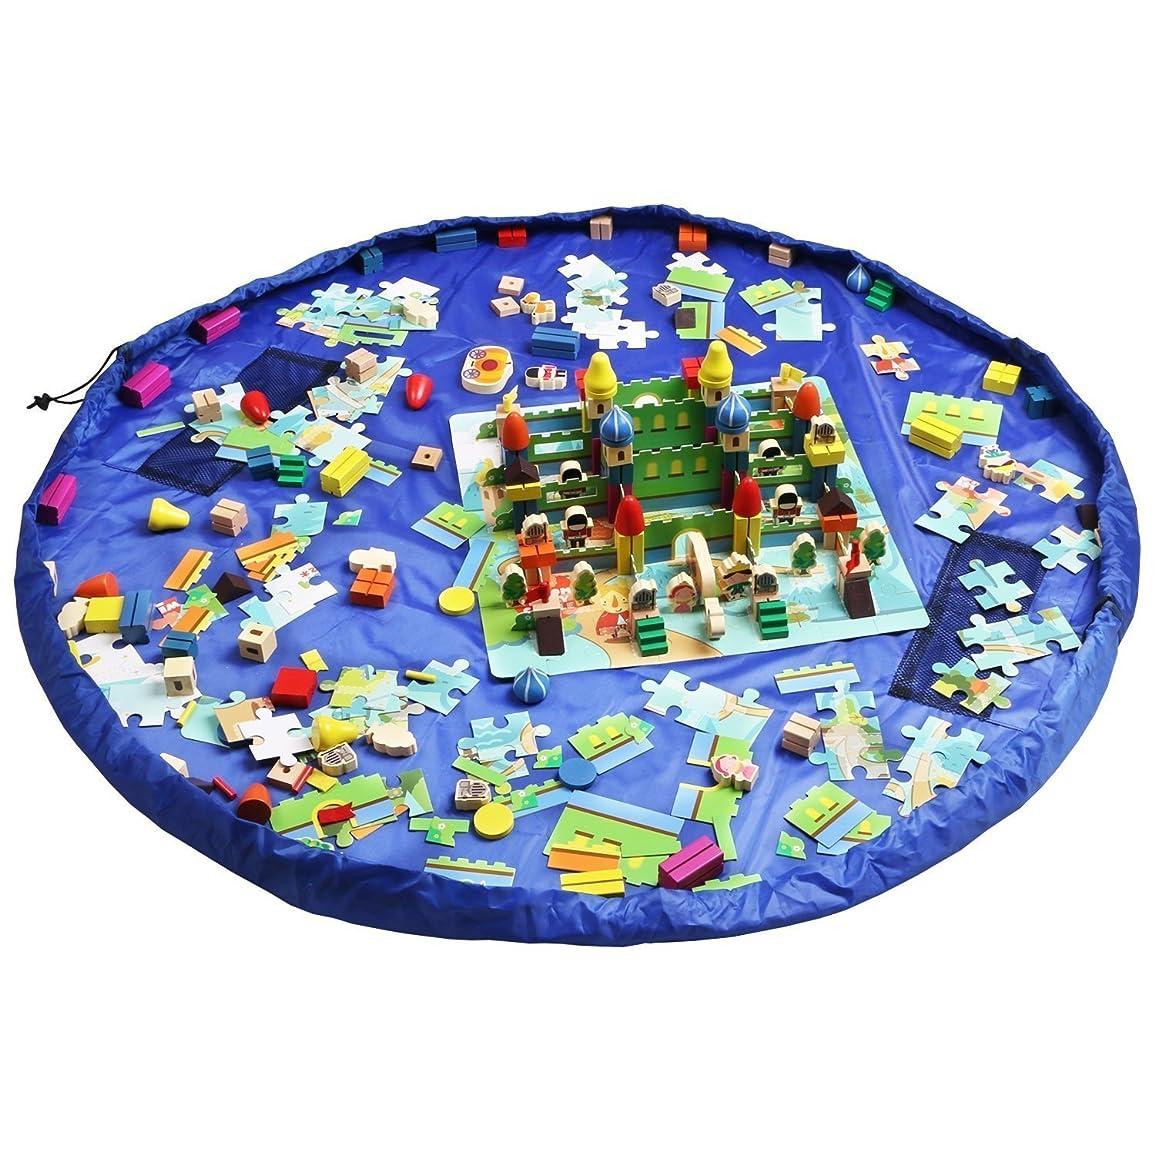 永久孤児行為Dazers おもちゃ収納バッグ 子どもプレイマット お片付け簡単 特大マット 直径150cm (ブルー)